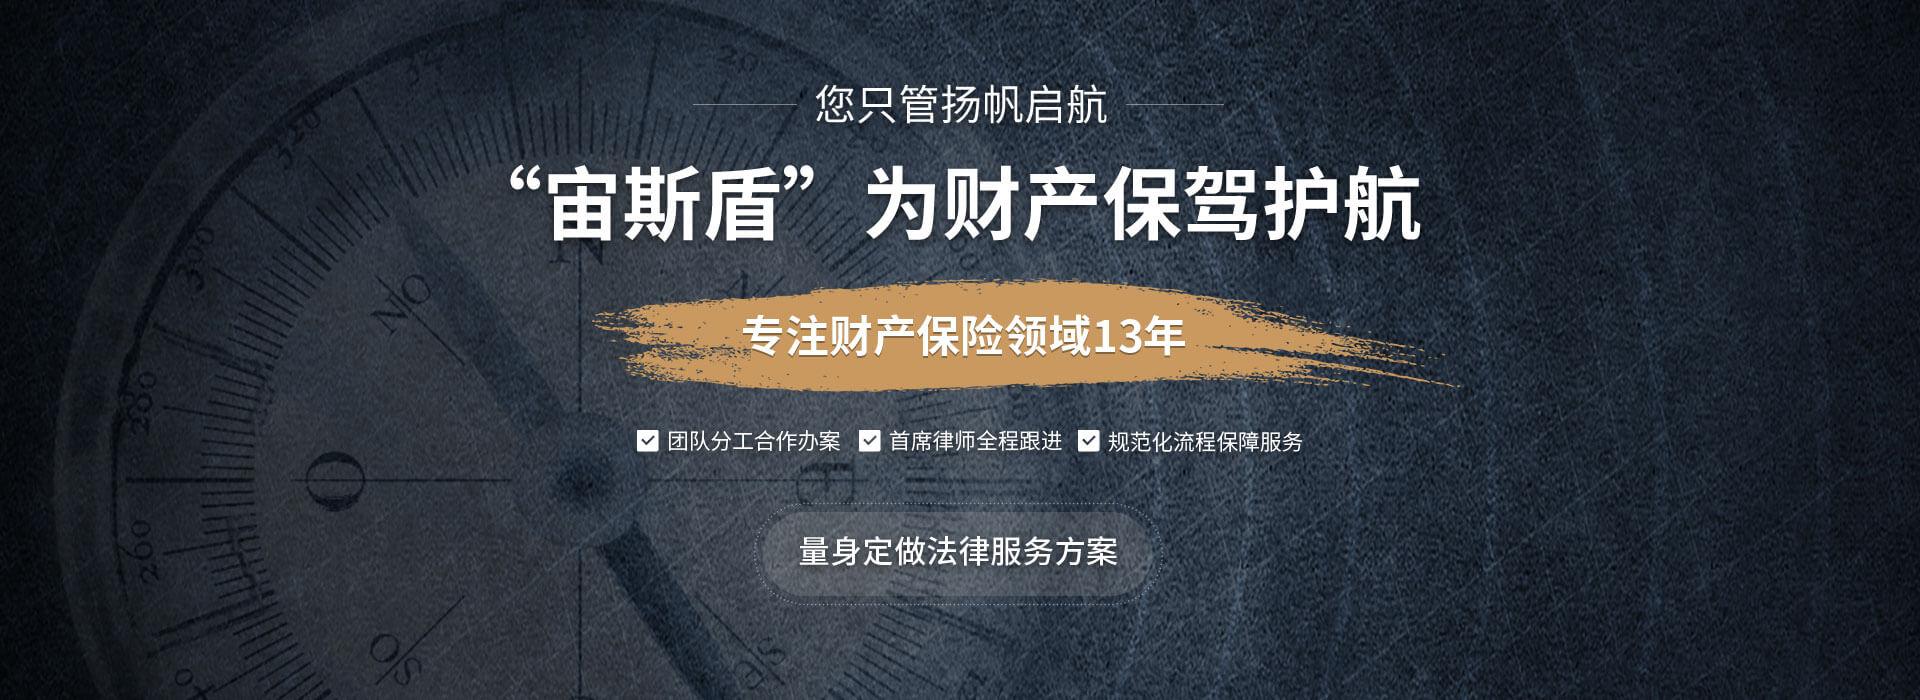 广州财产保险律师